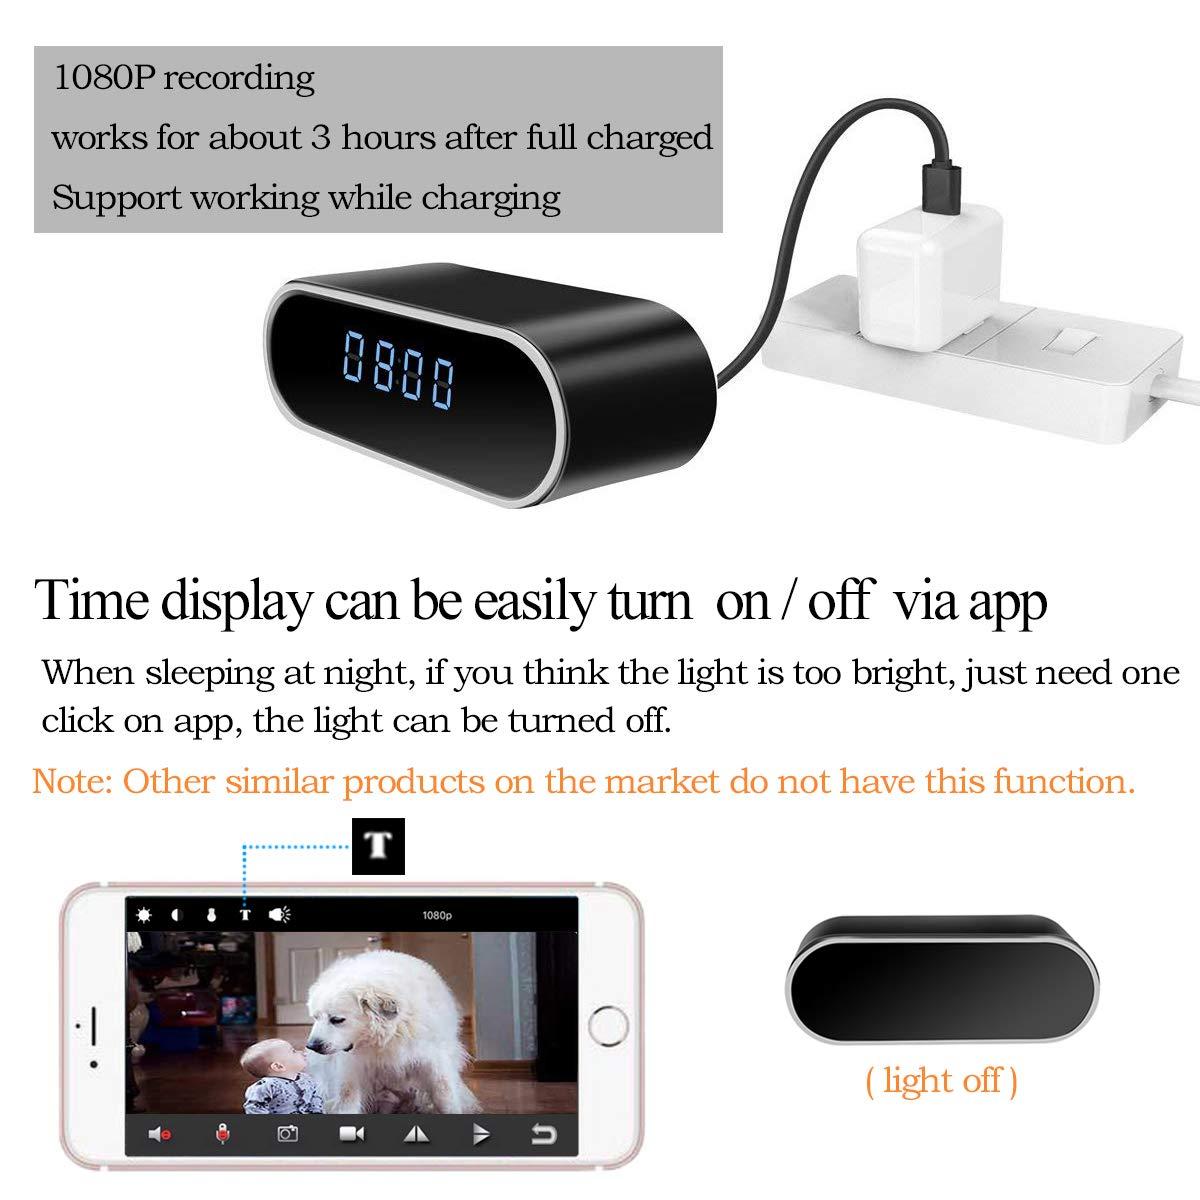 Cámara espía, KAMRE actualizado 1080P WiFi cámara oculta reloj grabadora de vídeo cámara IP inalámbrica con visión nocturna y detección de movimiento 140° ...